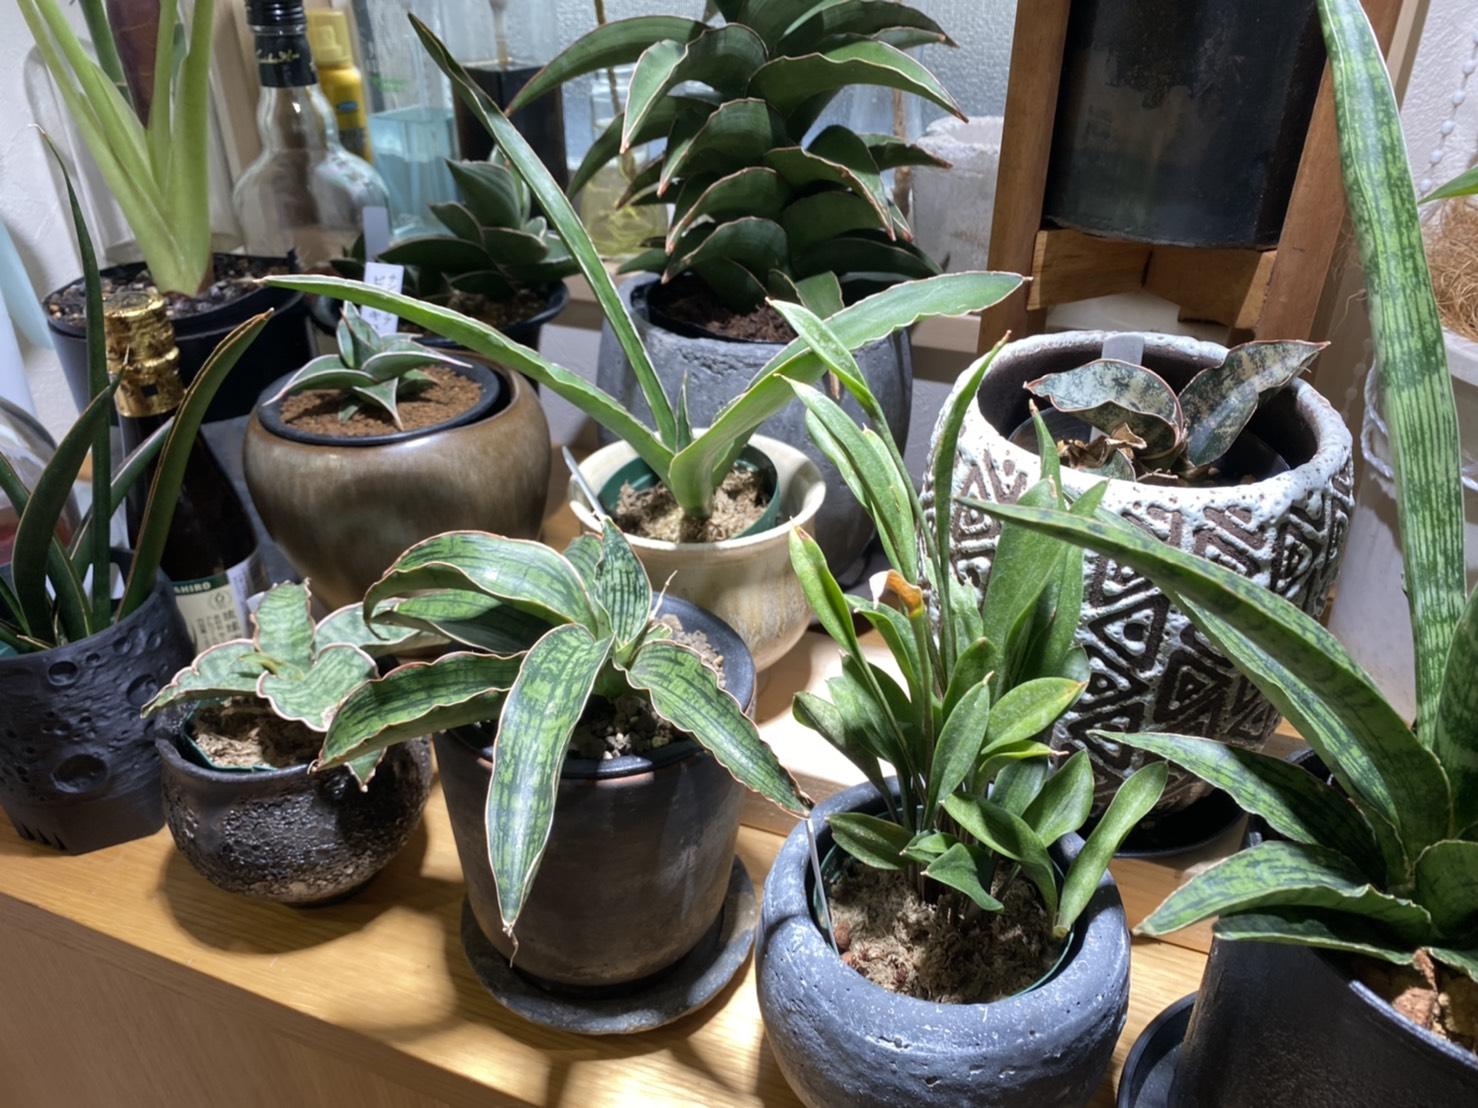 サンスベリアが良く育つ環境設備を考える。